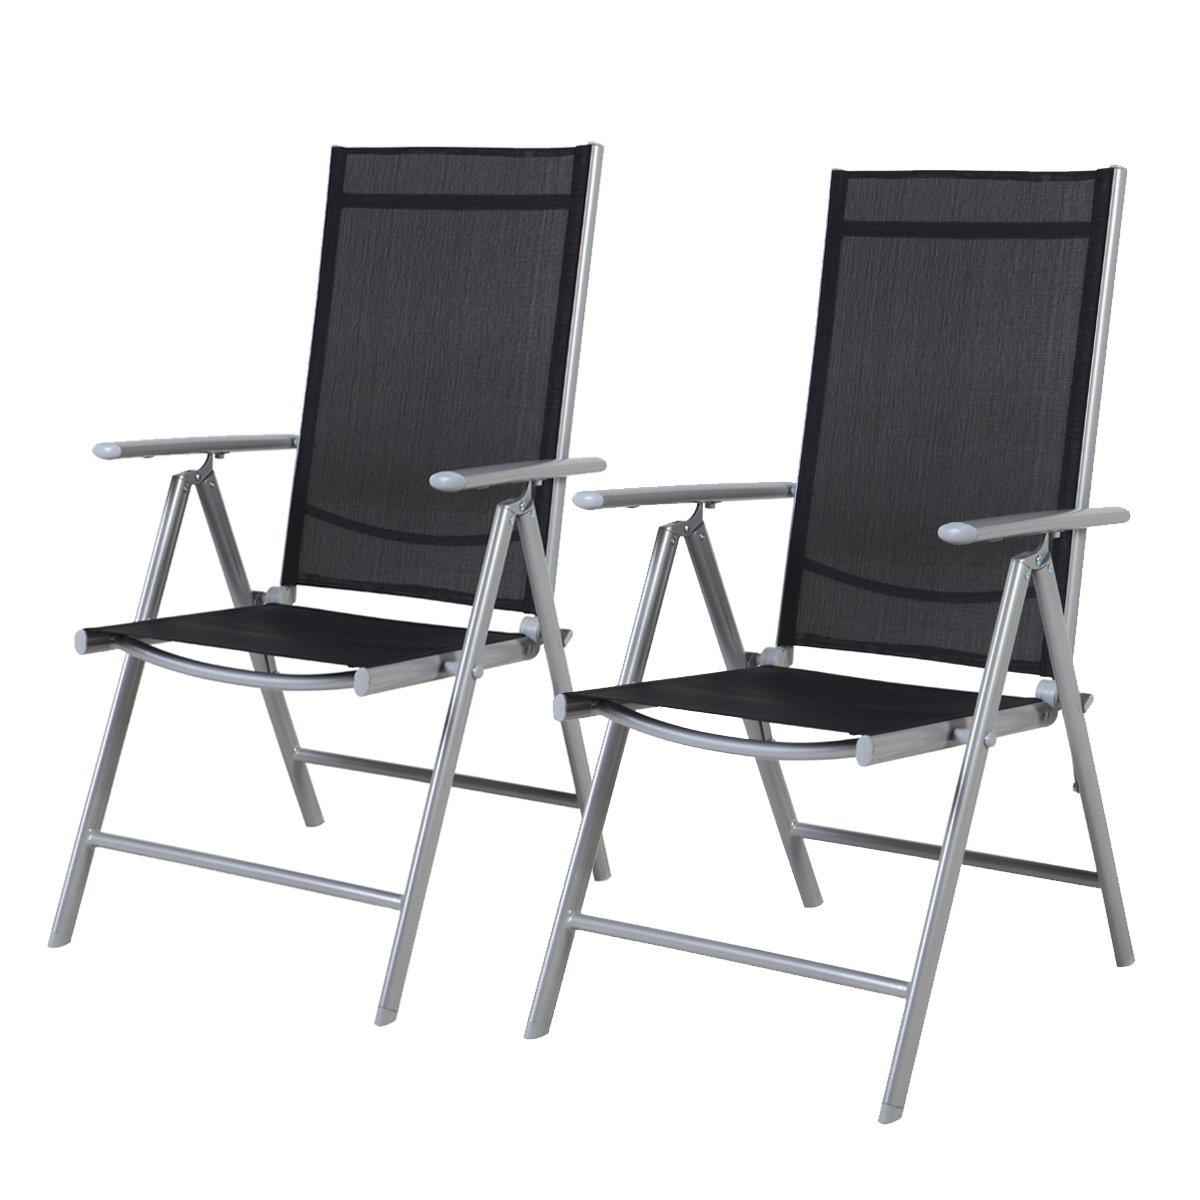 Grand Patio 2-er Set Stuhl, 7-Fach verstellbar Klappsessel, Gartenstuhl, Hochlehner für Terrasse Multipositionssessel, Balkon Möbel, anthrazit, Schwarz